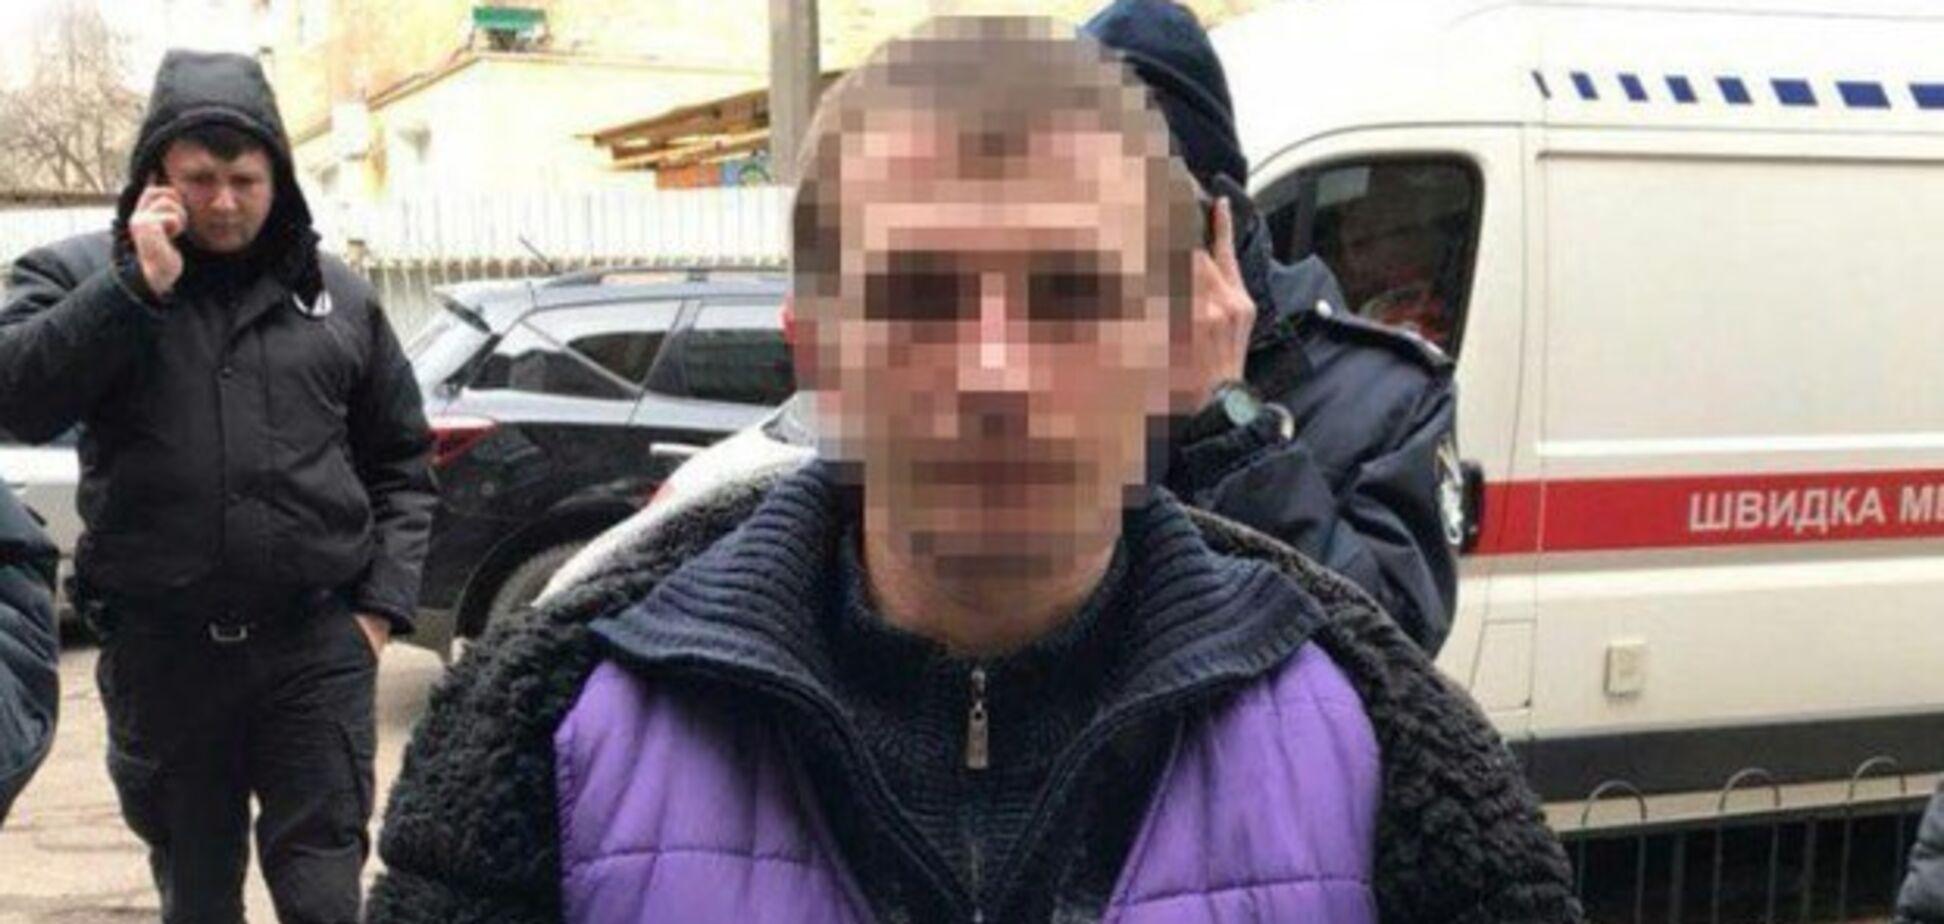 Прикидався мертвим: у Києві підозрюваний у вбивстві втік з місця НП